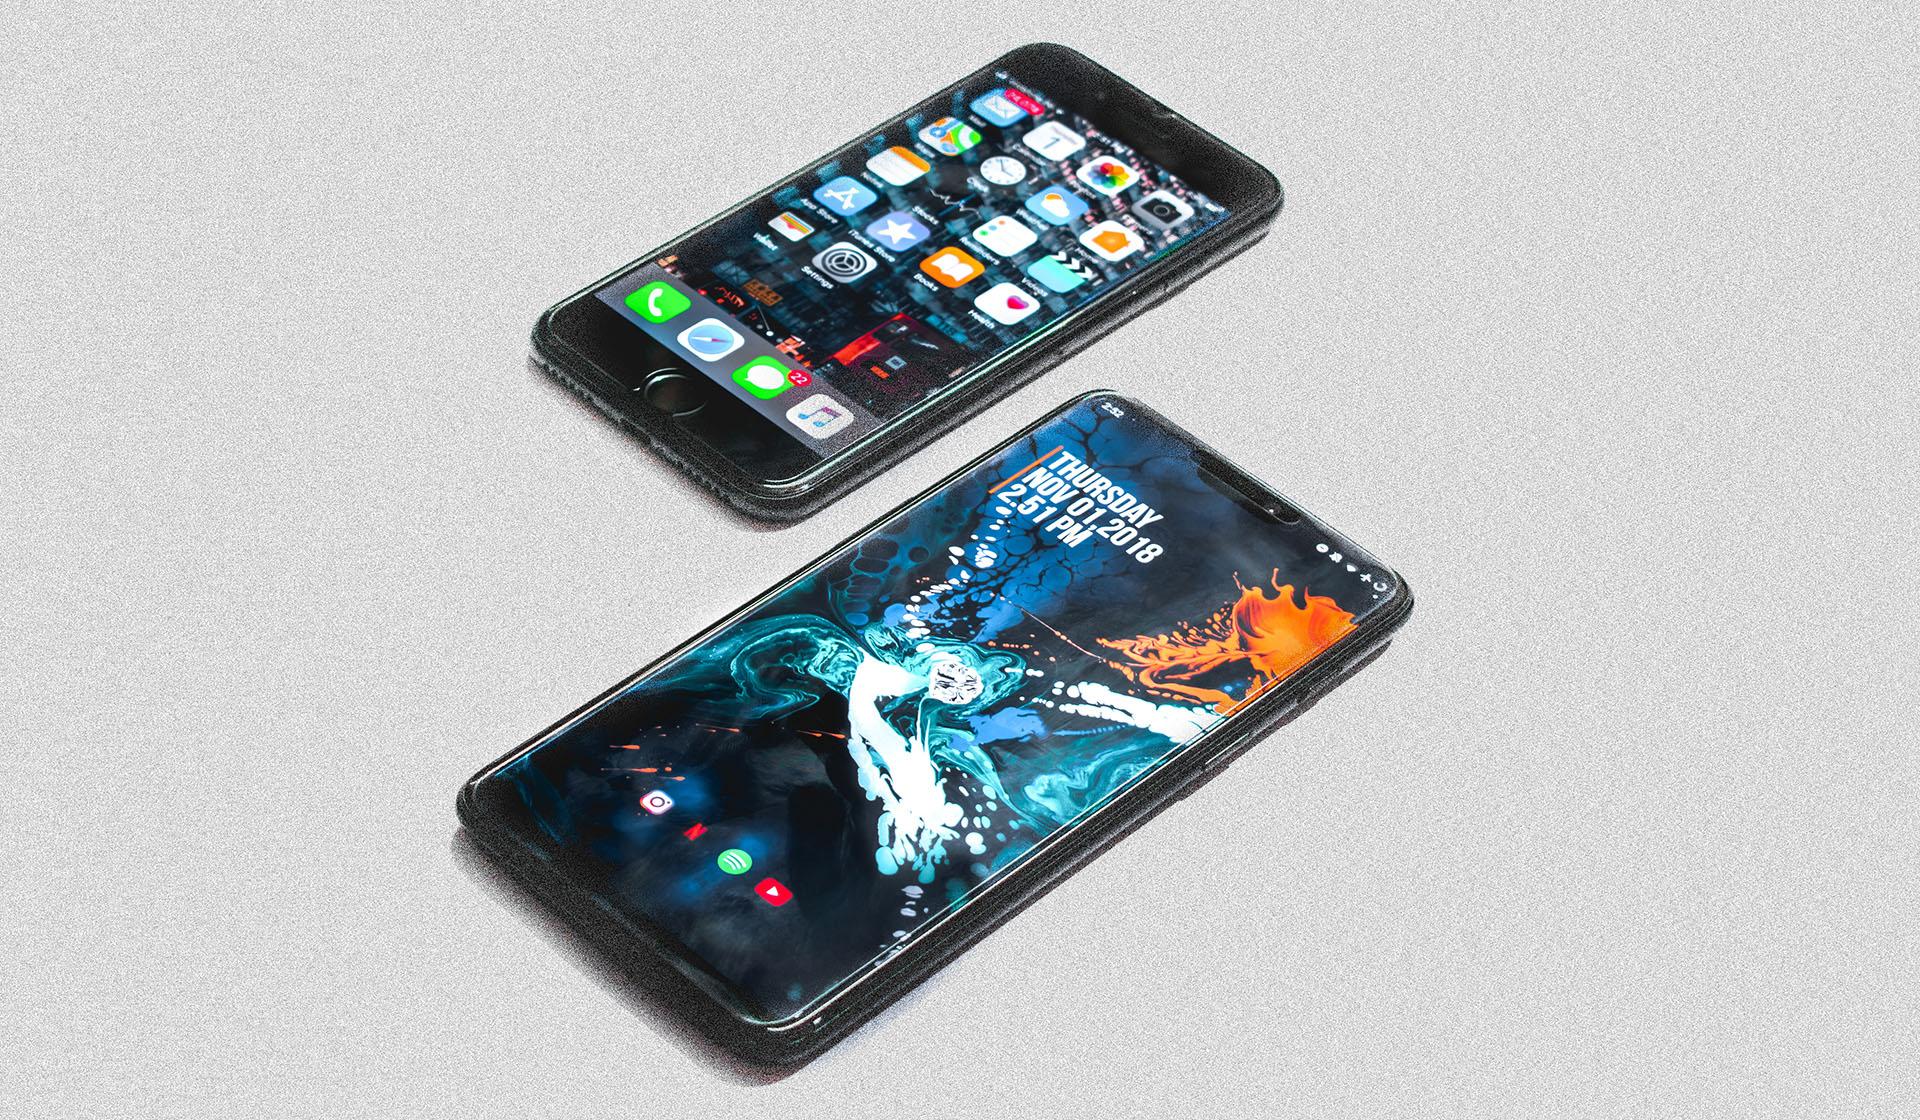 iOS mi Android mi güvenli? Bunun cevabı artık tamamen değişti